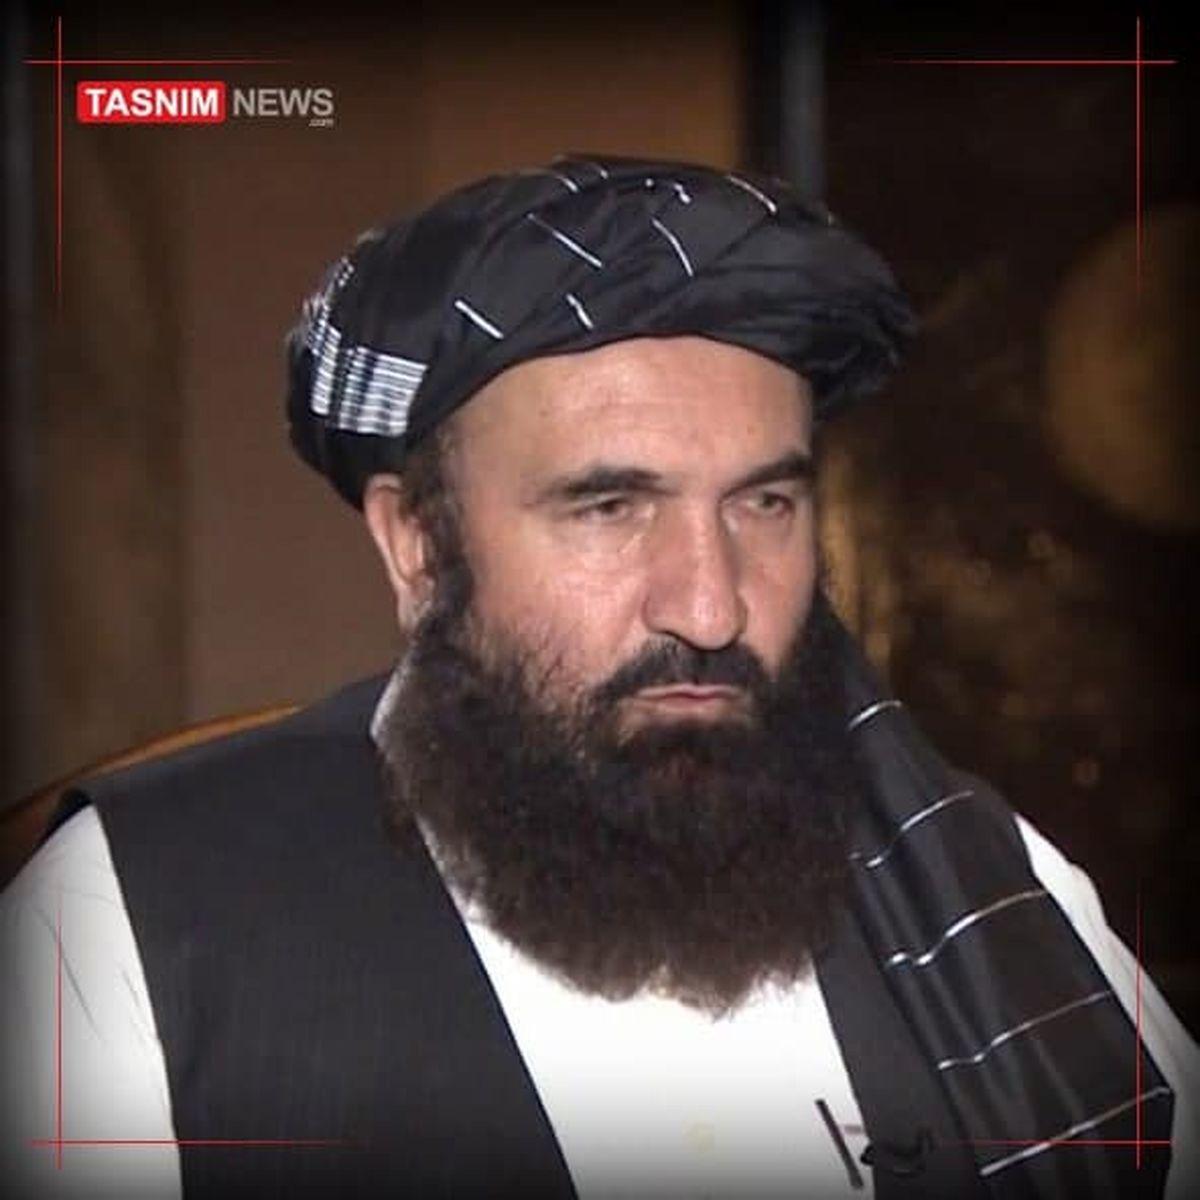 طالبان: ترکیه در افغانستان بماند، با آن میجنگیم